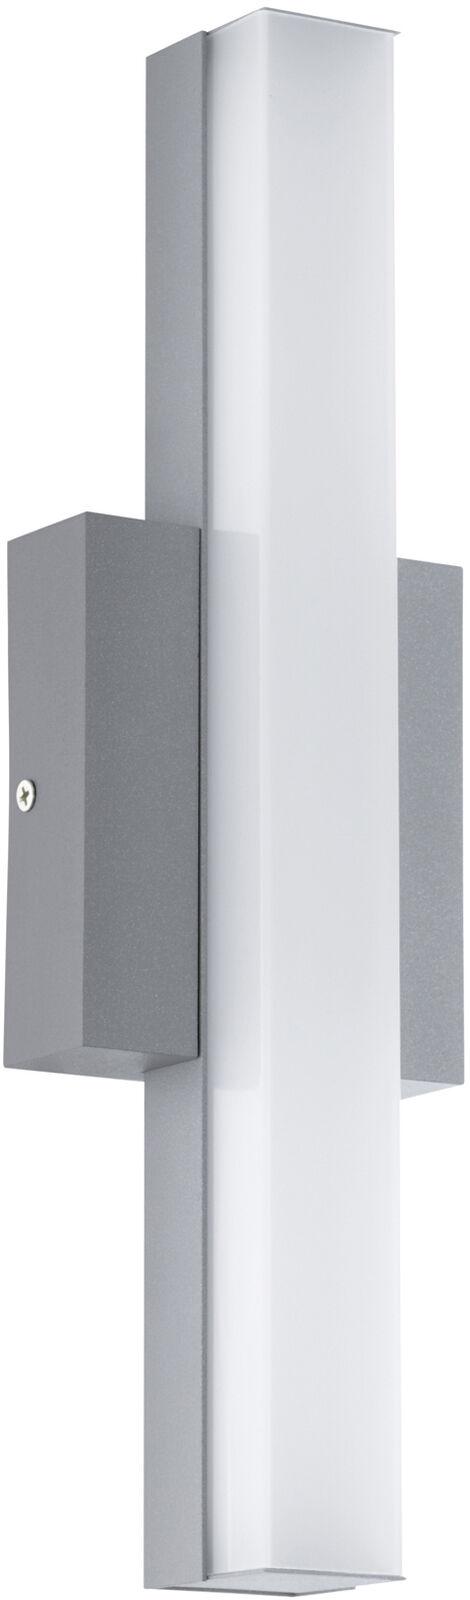 Eglo LED Außen-Wandleuchte Acate - silber